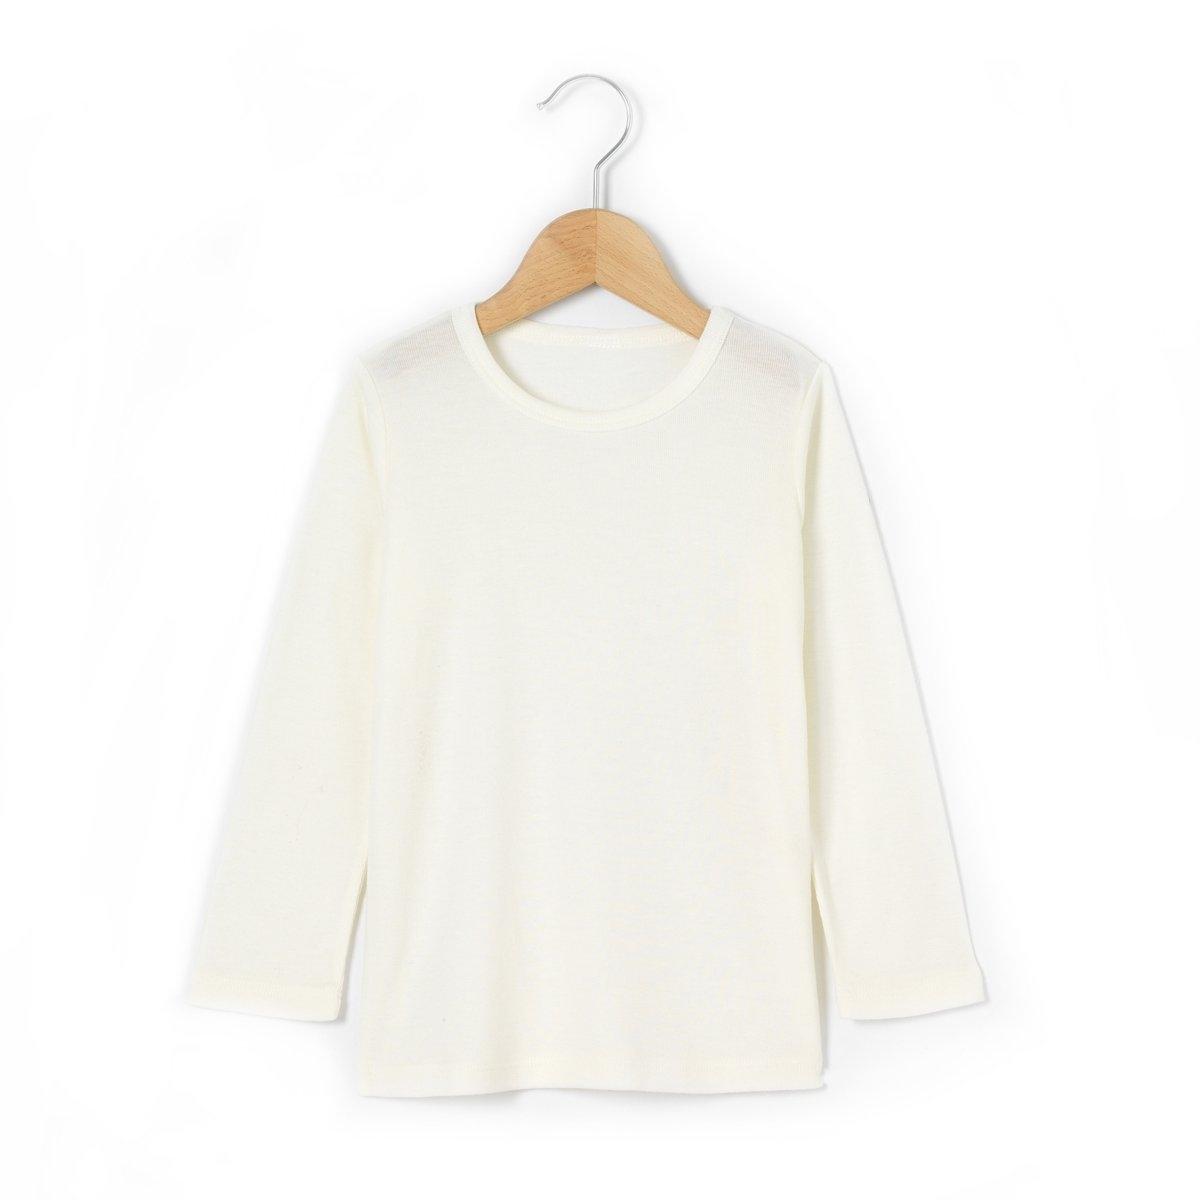 Теплая футболка с длинными рукавами, 2-12 летФутболка из специального теплого трикотажа, 85% вискозы, 15% шерсти. Длинные рукава. Круглый вырез.<br><br>Цвет: белый<br>Размер: 2 - 3 года (86 см - 94 см).4/5 лет - 102/108 см.6/8 лет -114/126 см